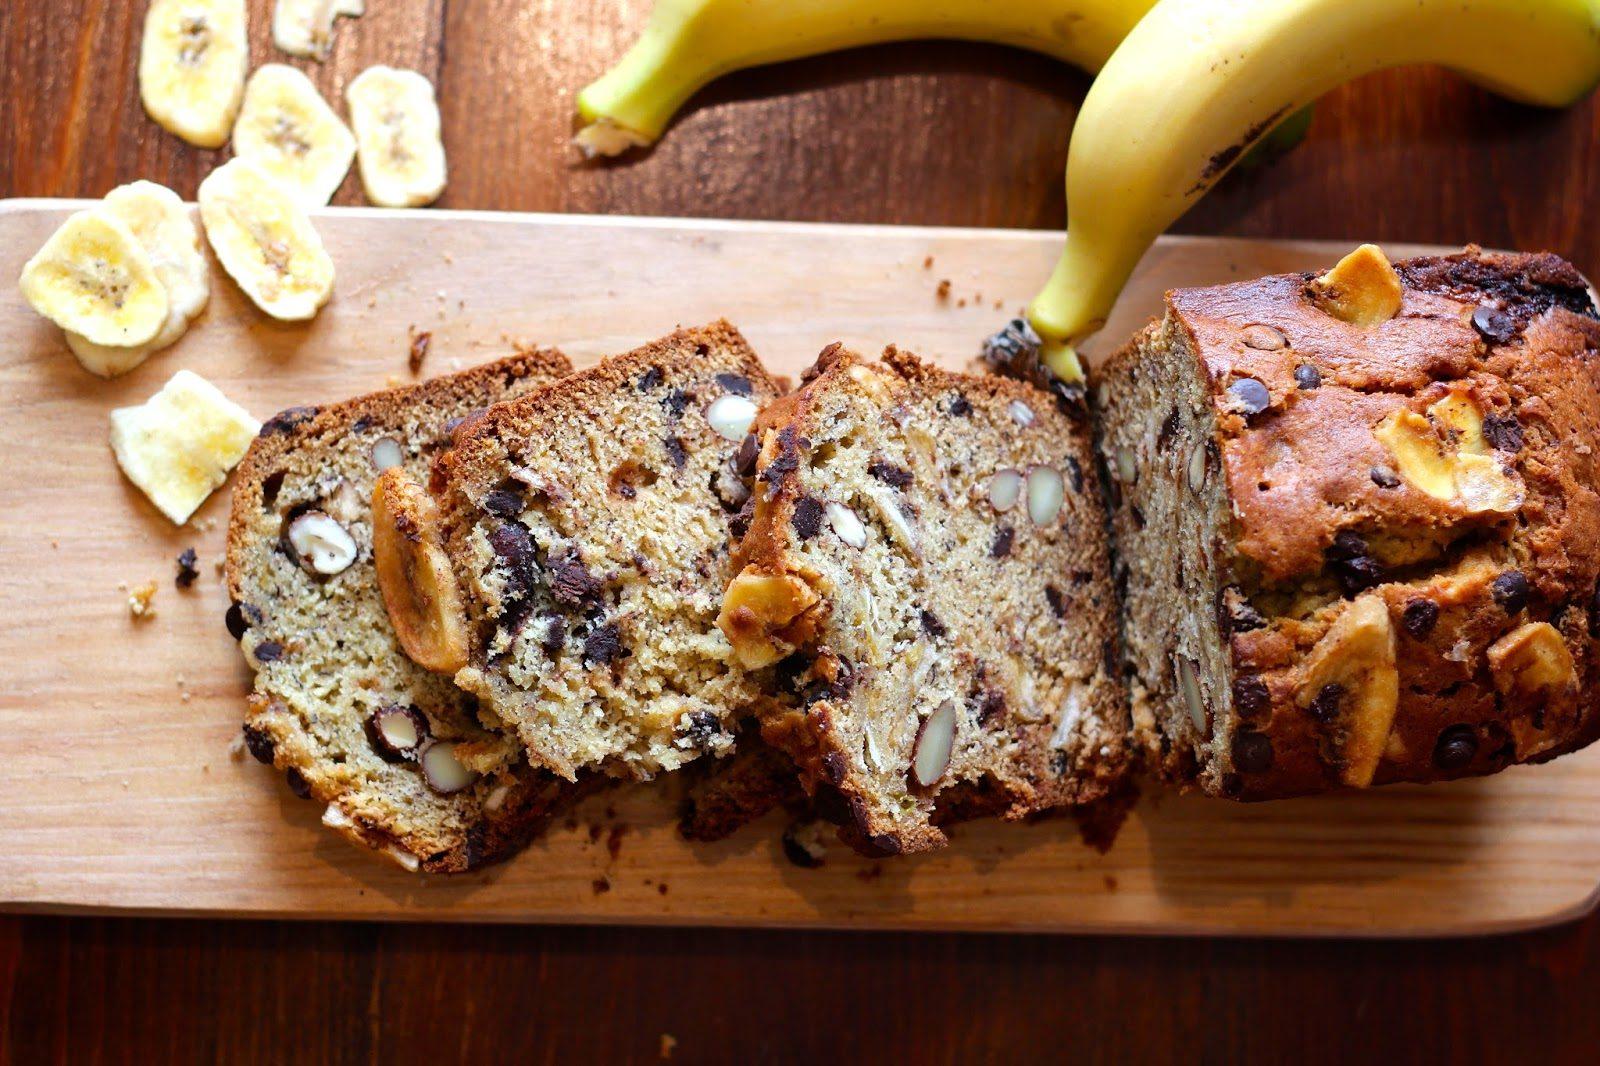 Bolo de Banana com Chocolate e Amêndoas